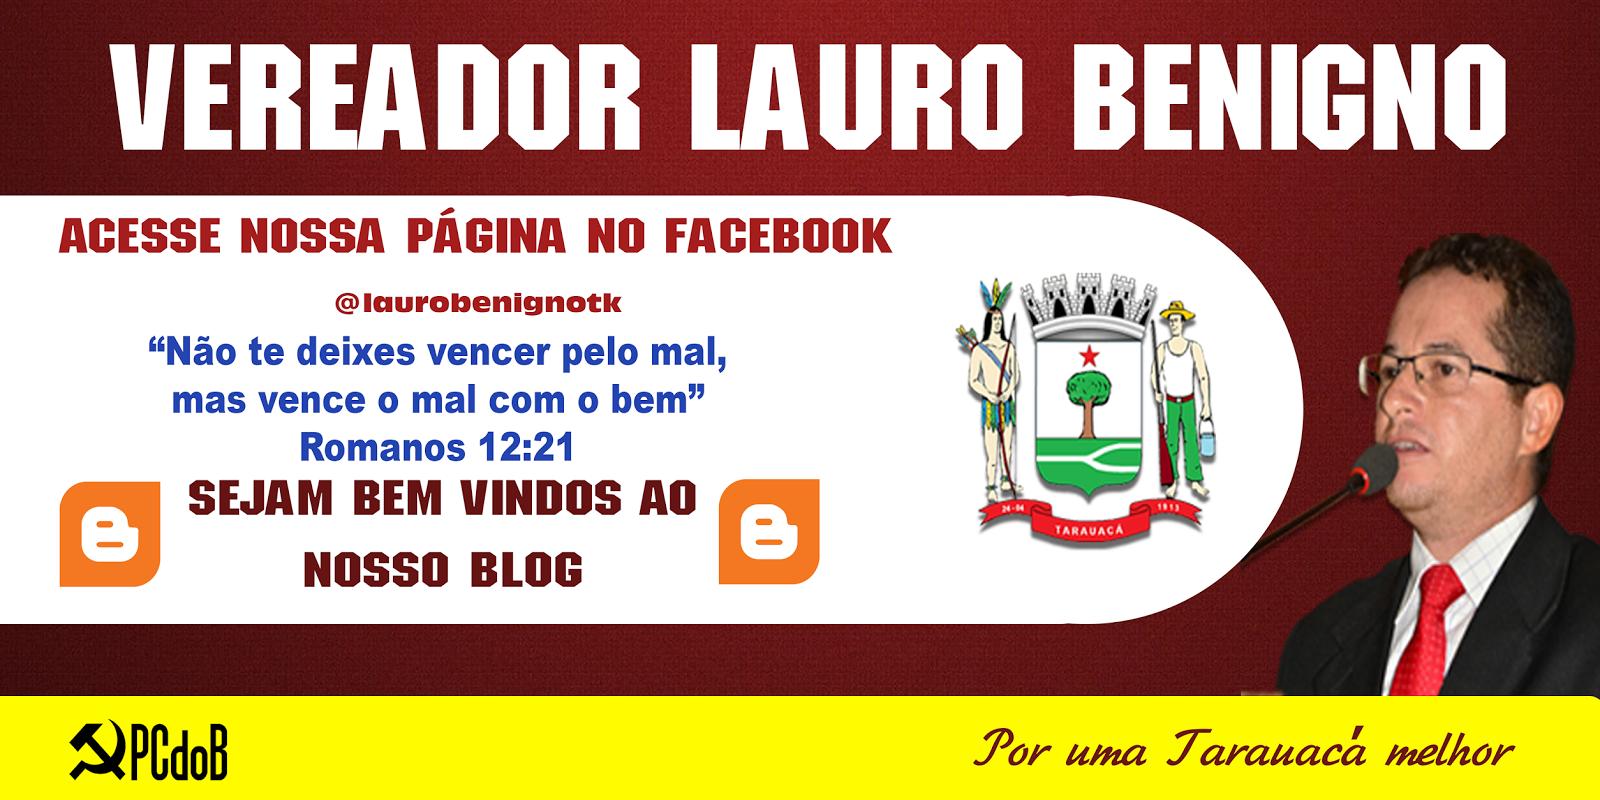 Vereador Lauro Benigno